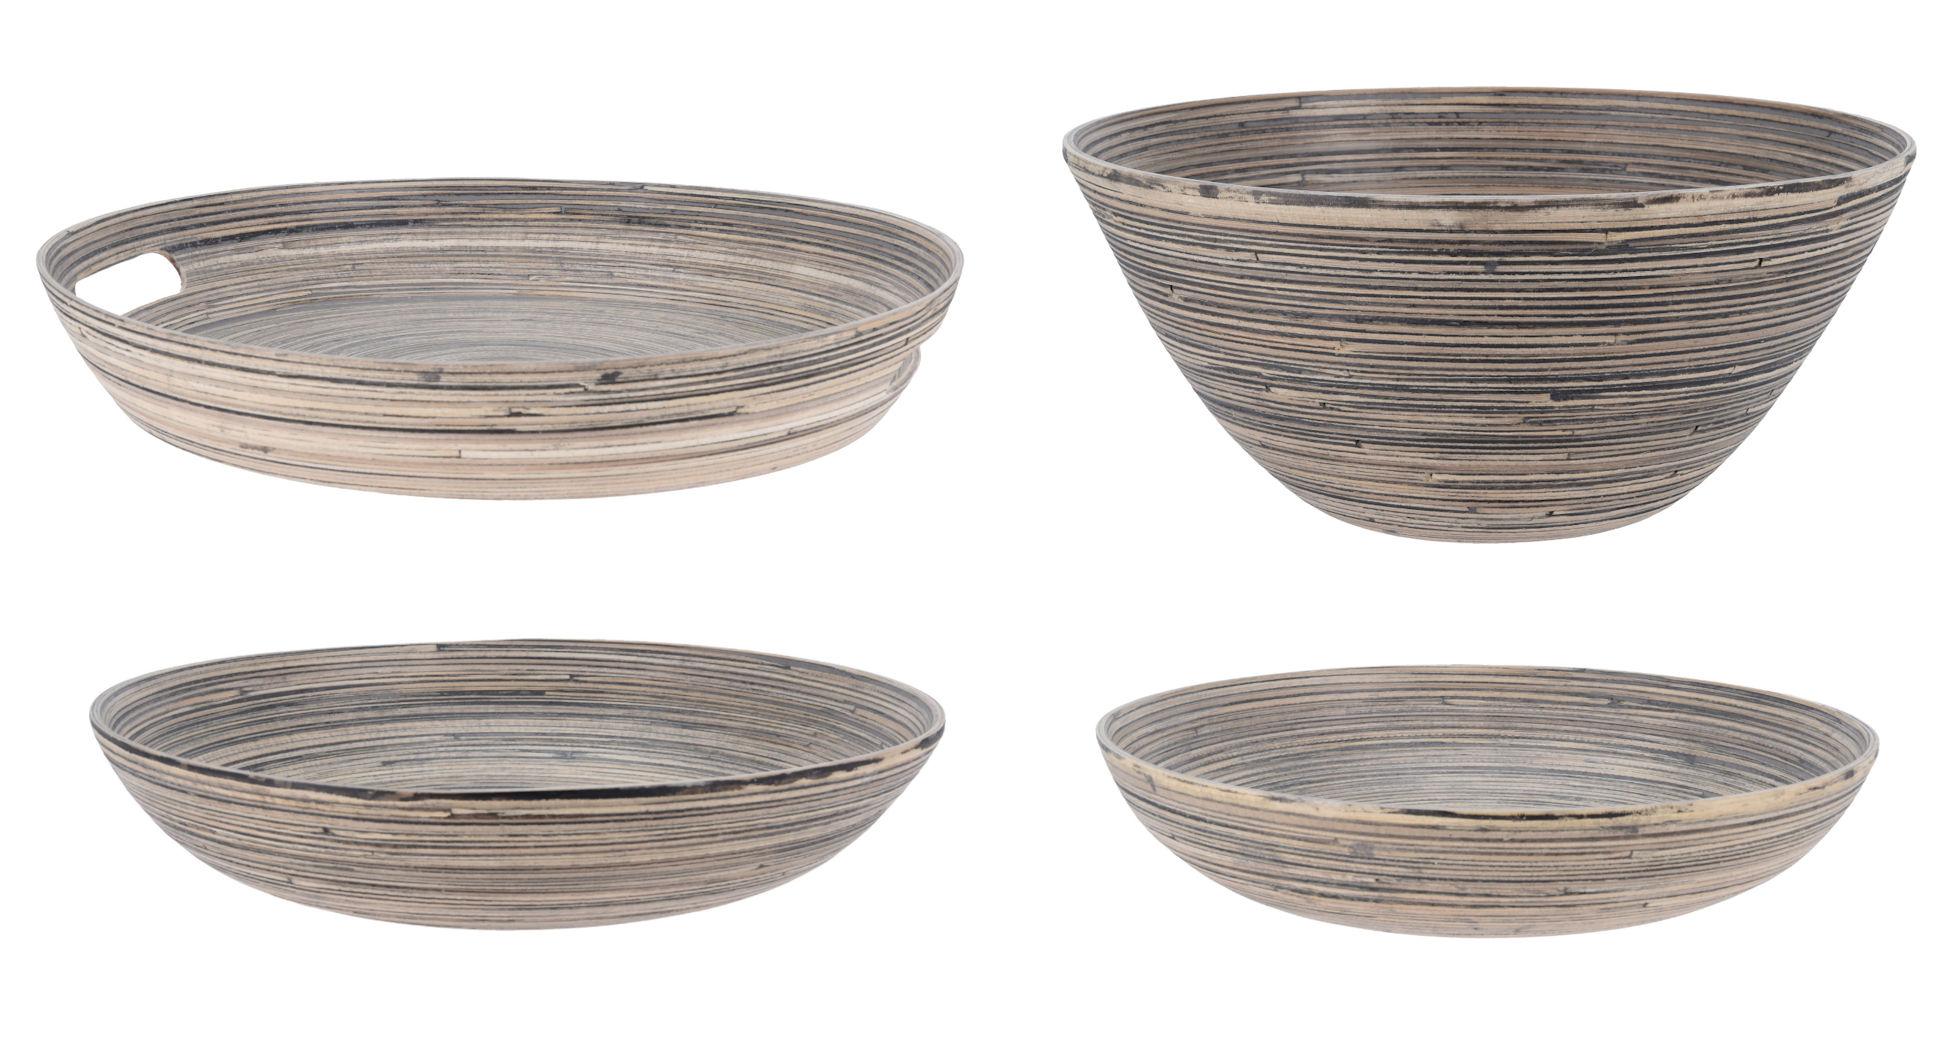 Spetebo Deko Bambus Schale 30x7 Cm Holz Tischdeko Schussel Rund